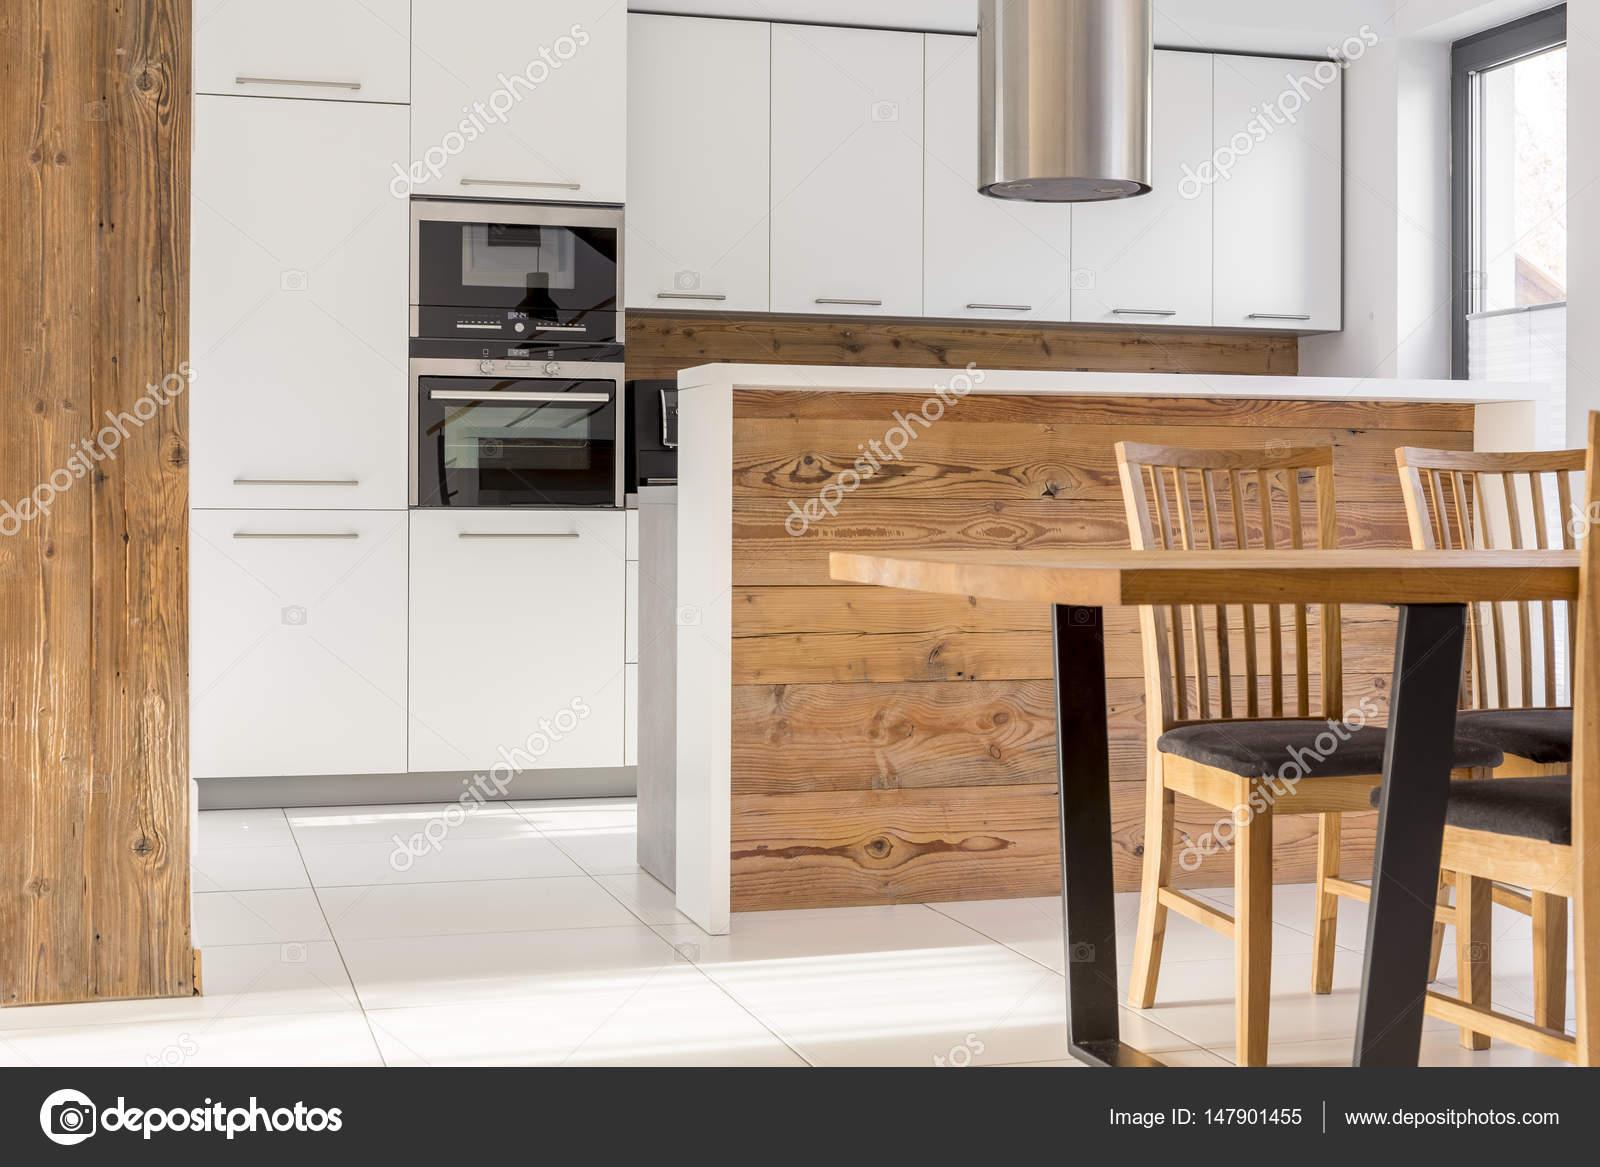 Nova Branca Cozinha Com Ilha Stock Photo Photographee Eu 147901455